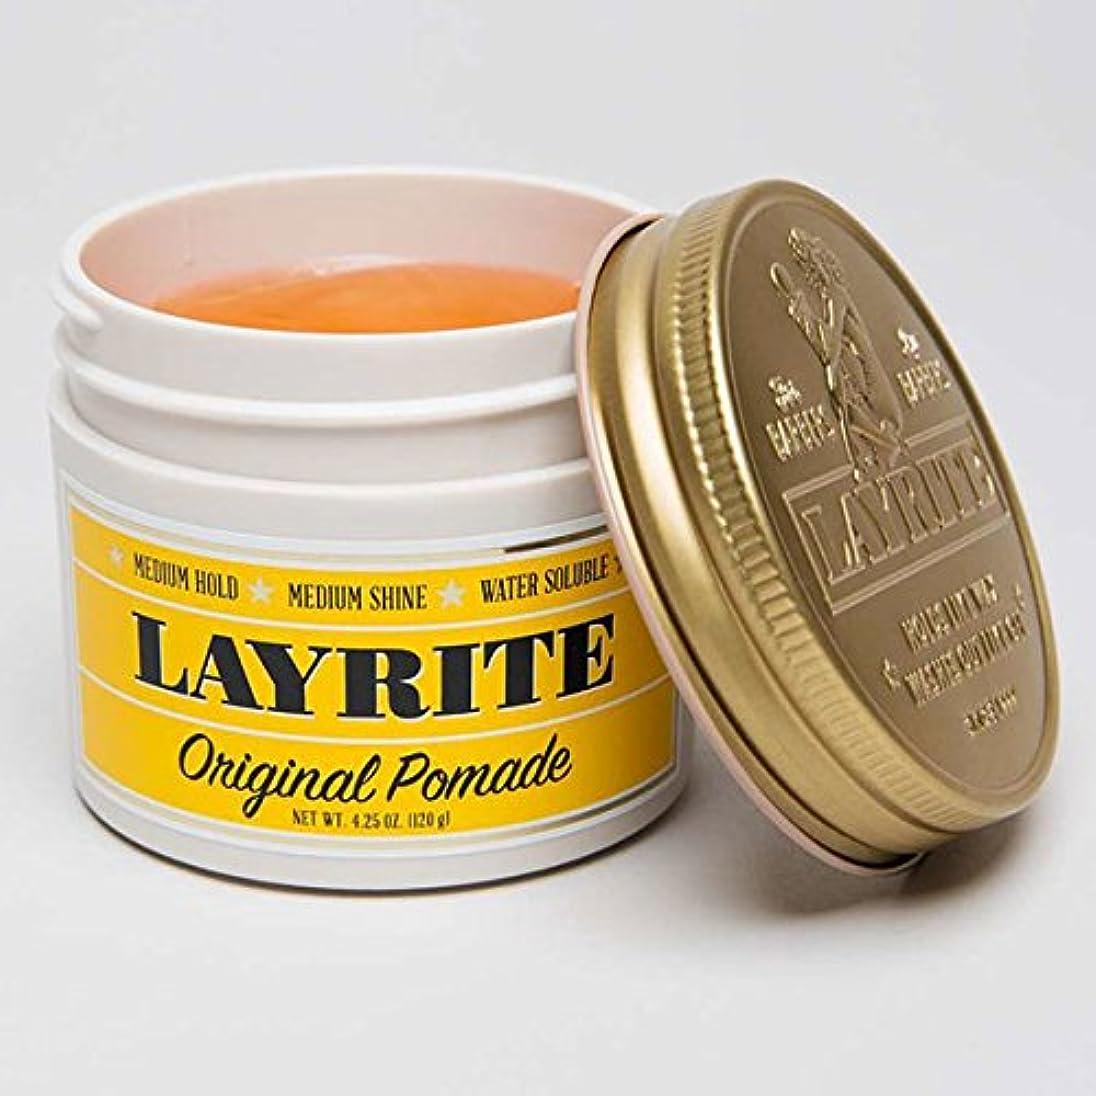 断線透けて見えるグループLAYRITE レイライト 【Original Pomade】 水性ポマード オリジナルホールド 4.25OZ(約120G)